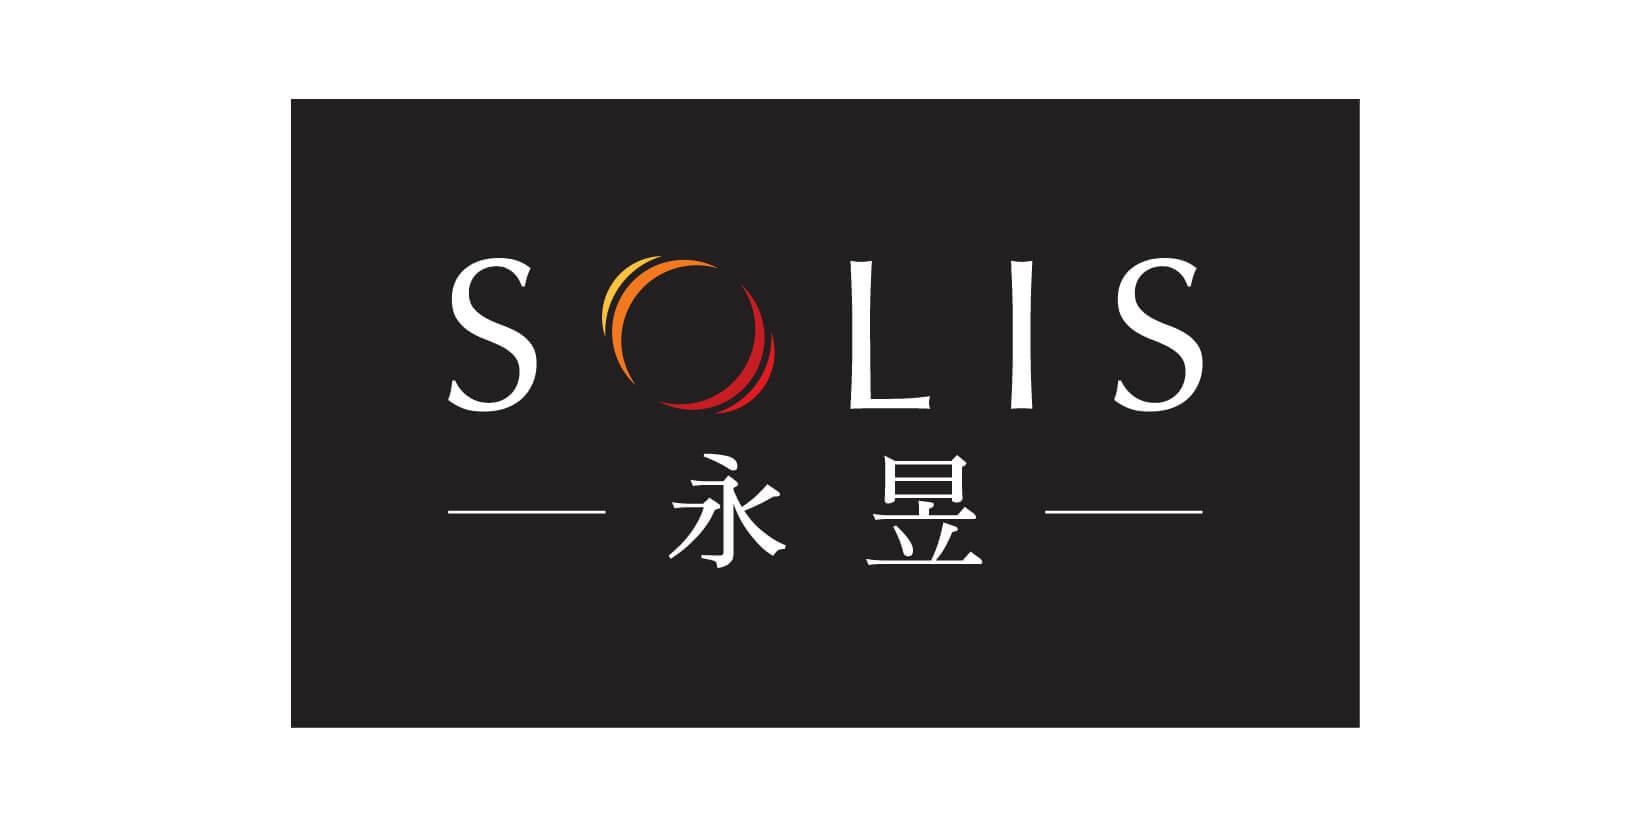 永昱 macau jobscall.me recruitment ad 澳門招聘-01.jpg